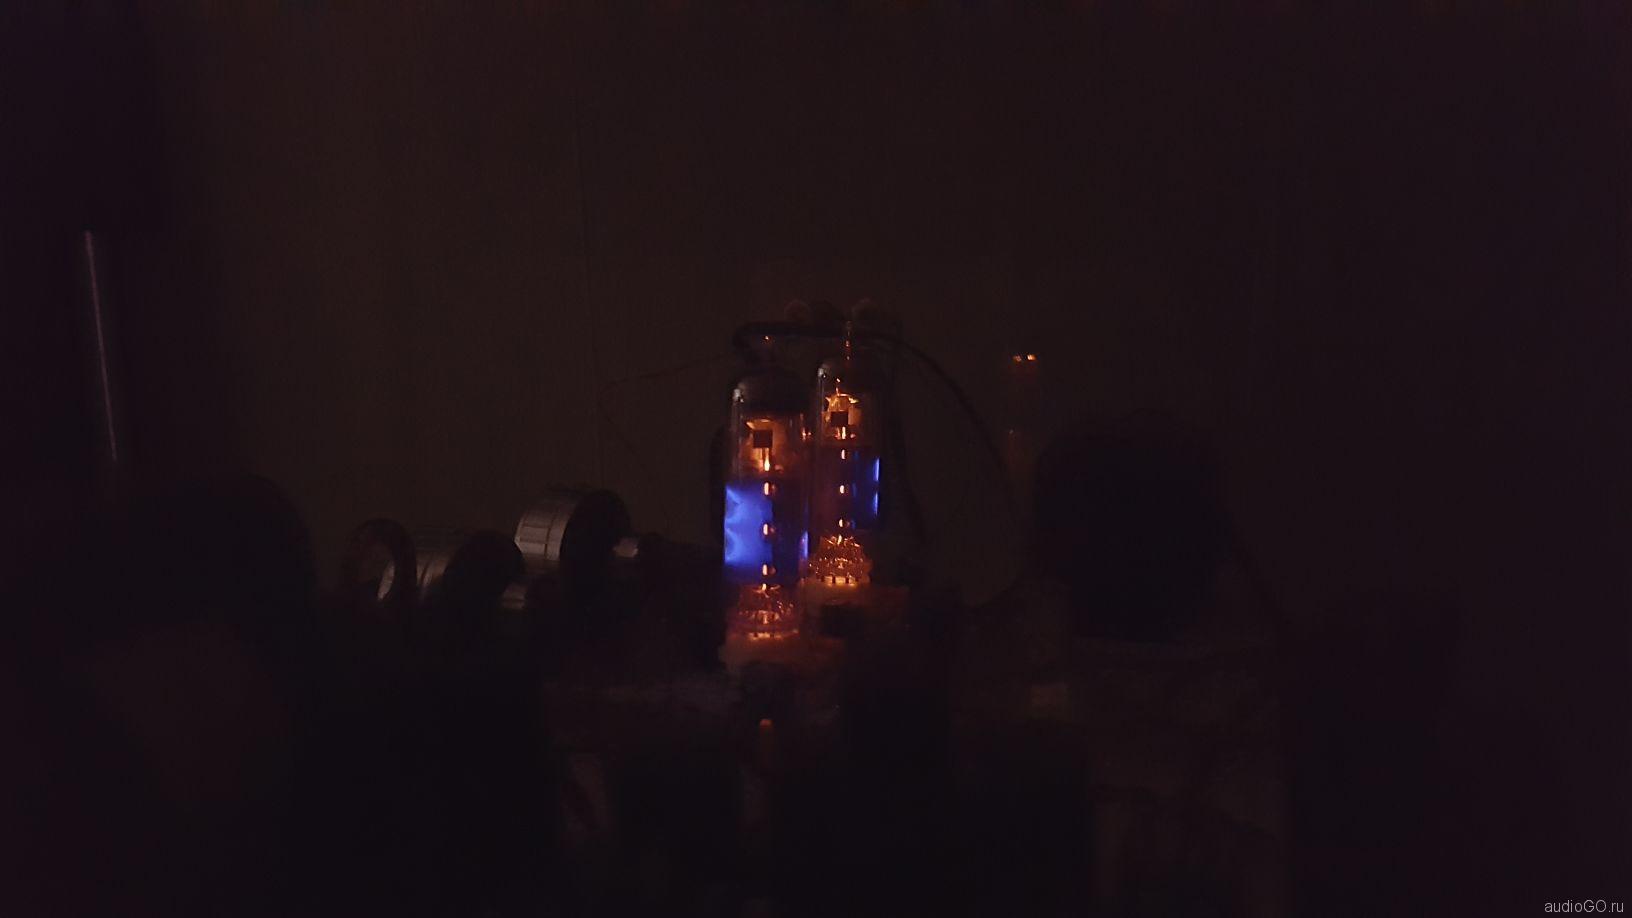 голубое свечение радиоламп